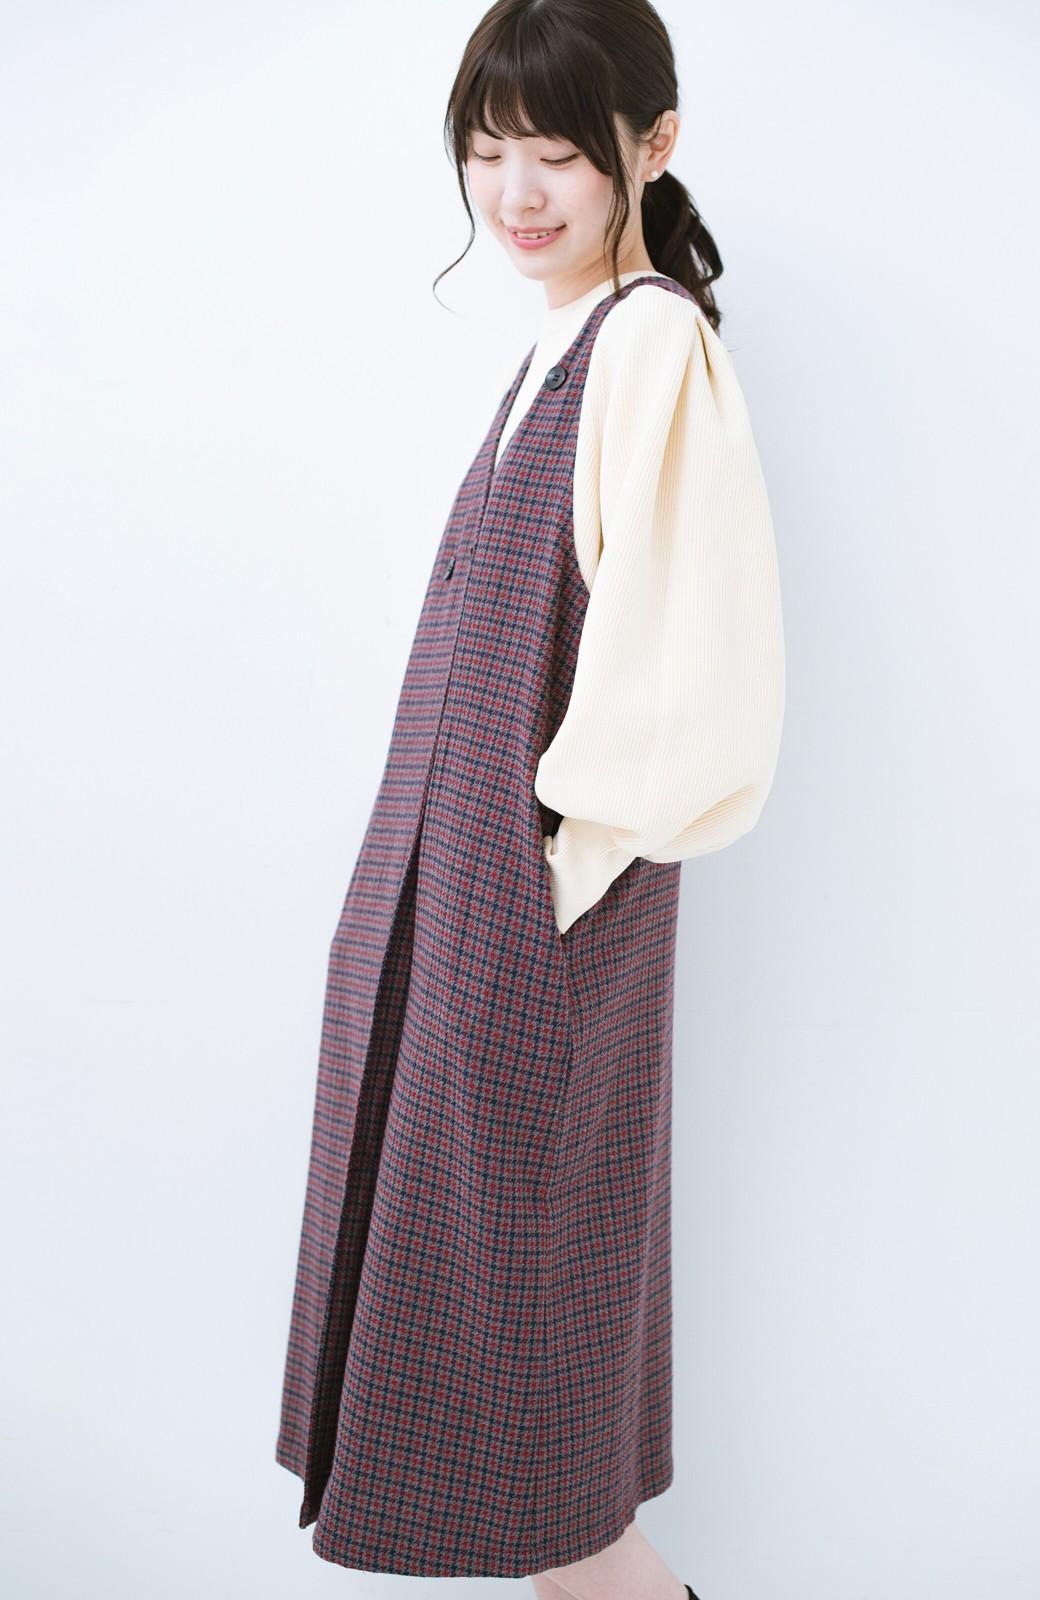 haco! すぽっと着るだけで旬顔完成 千鳥柄のジャンパースカート <レッド系その他>の商品写真3